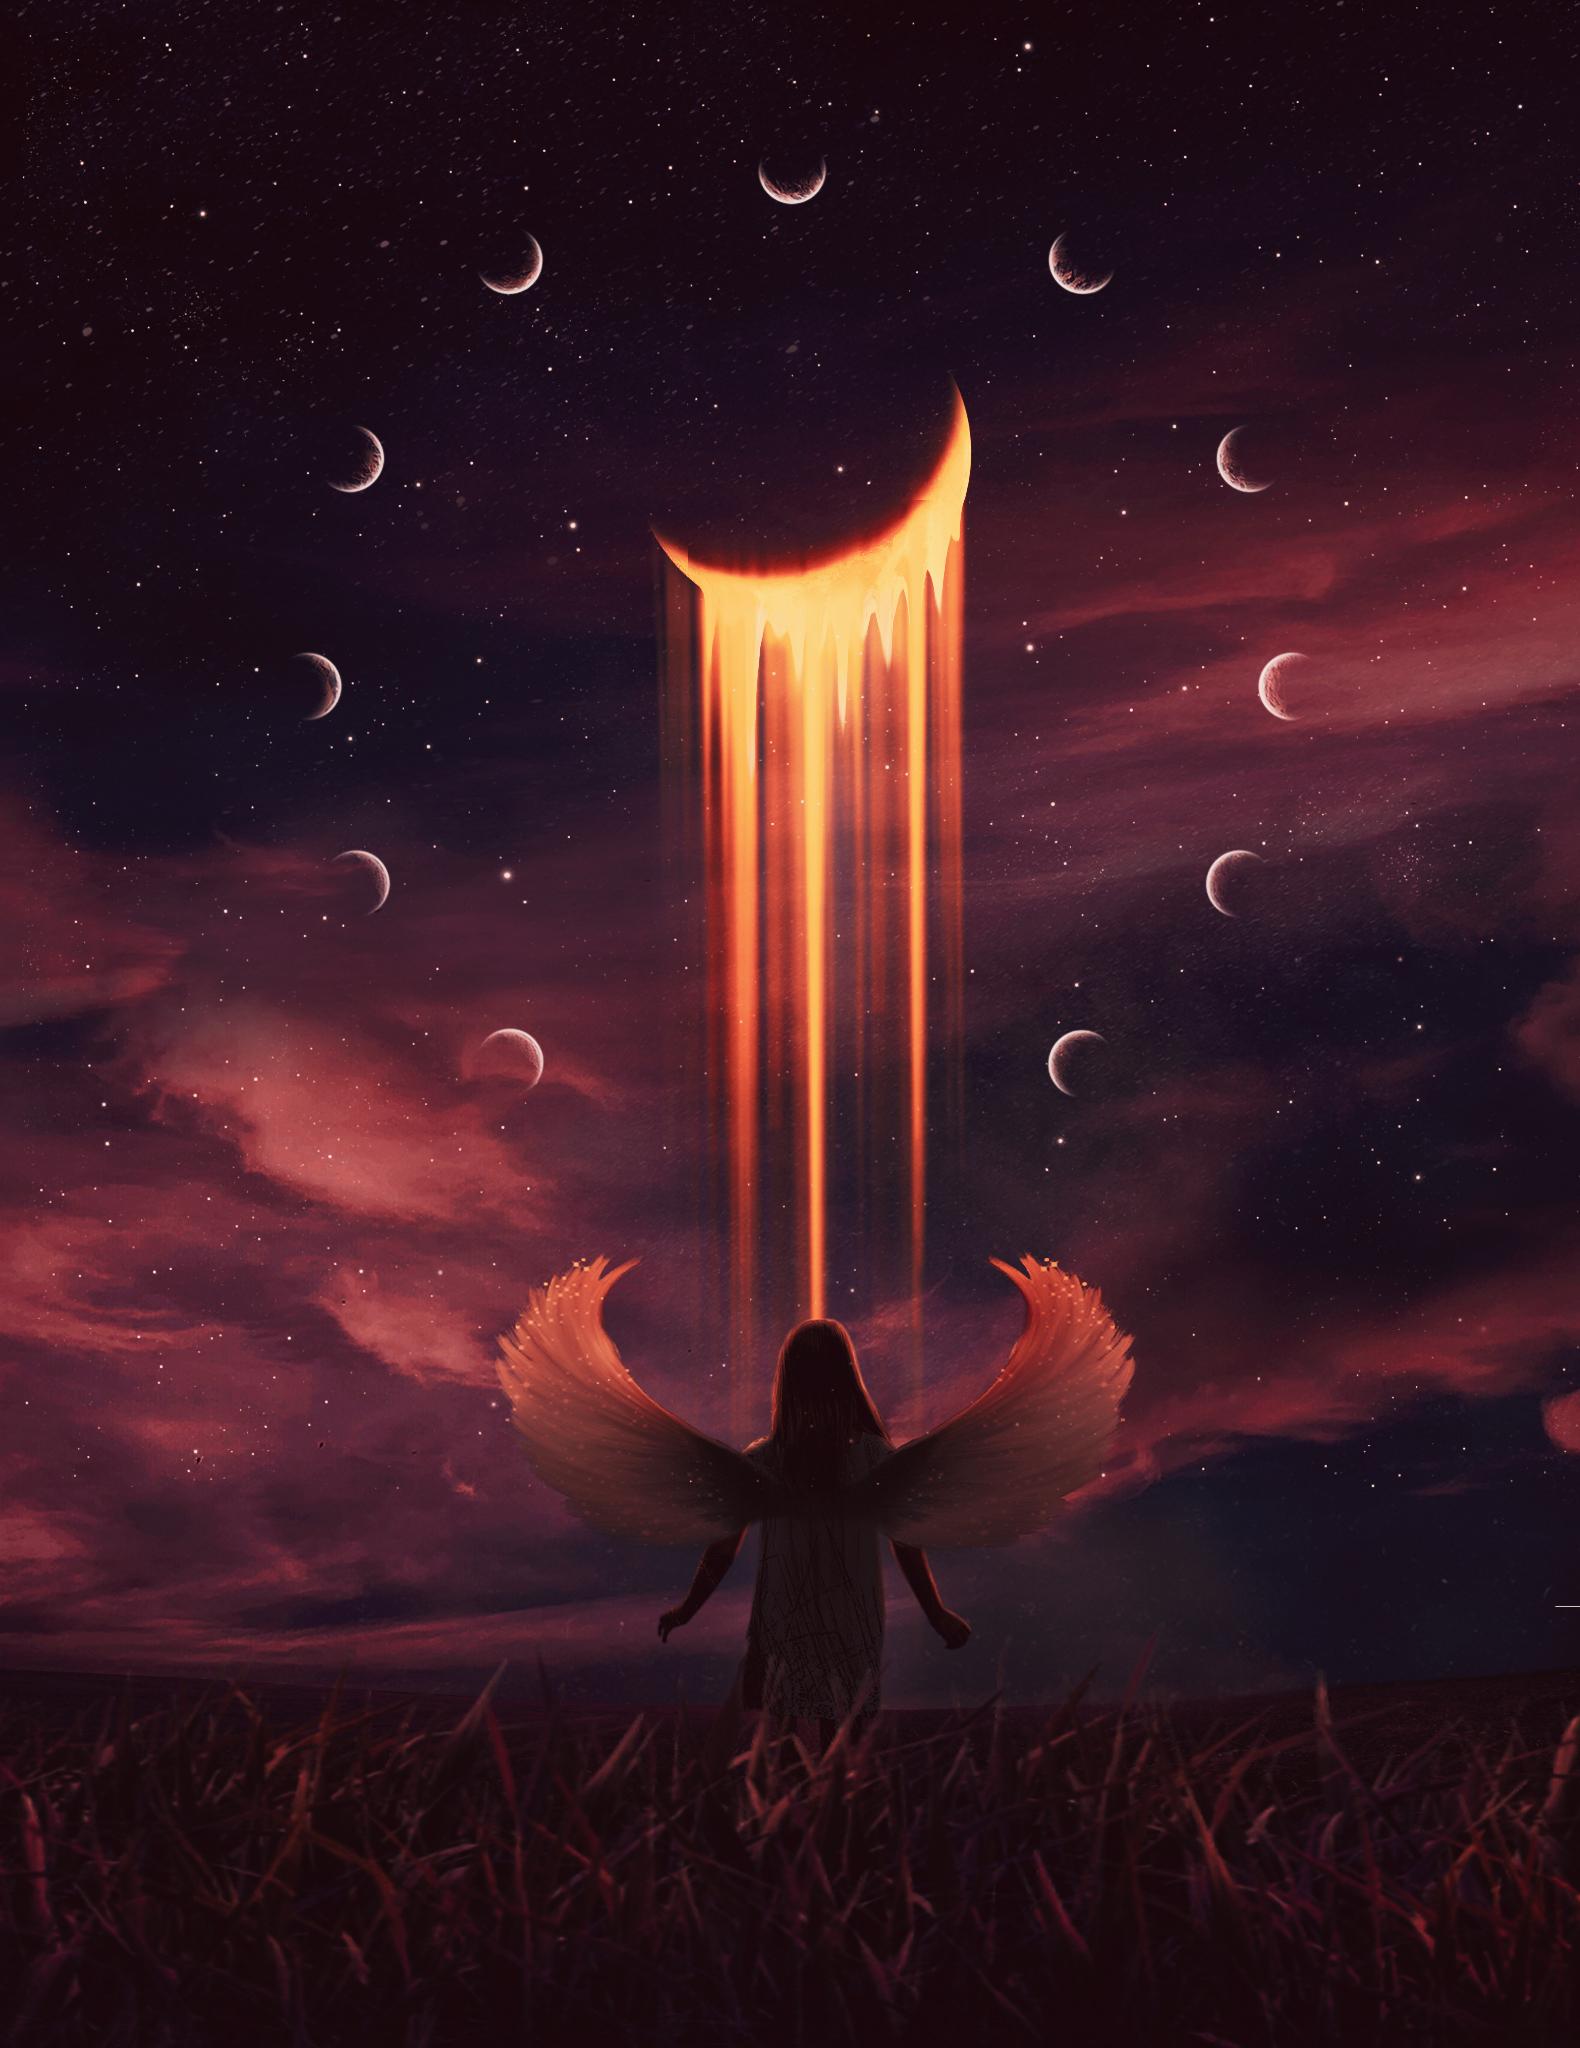 149398 Hintergrundbild herunterladen Engel, Kunst, Übernachtung, Mond, Illusion - Bildschirmschoner und Bilder kostenlos